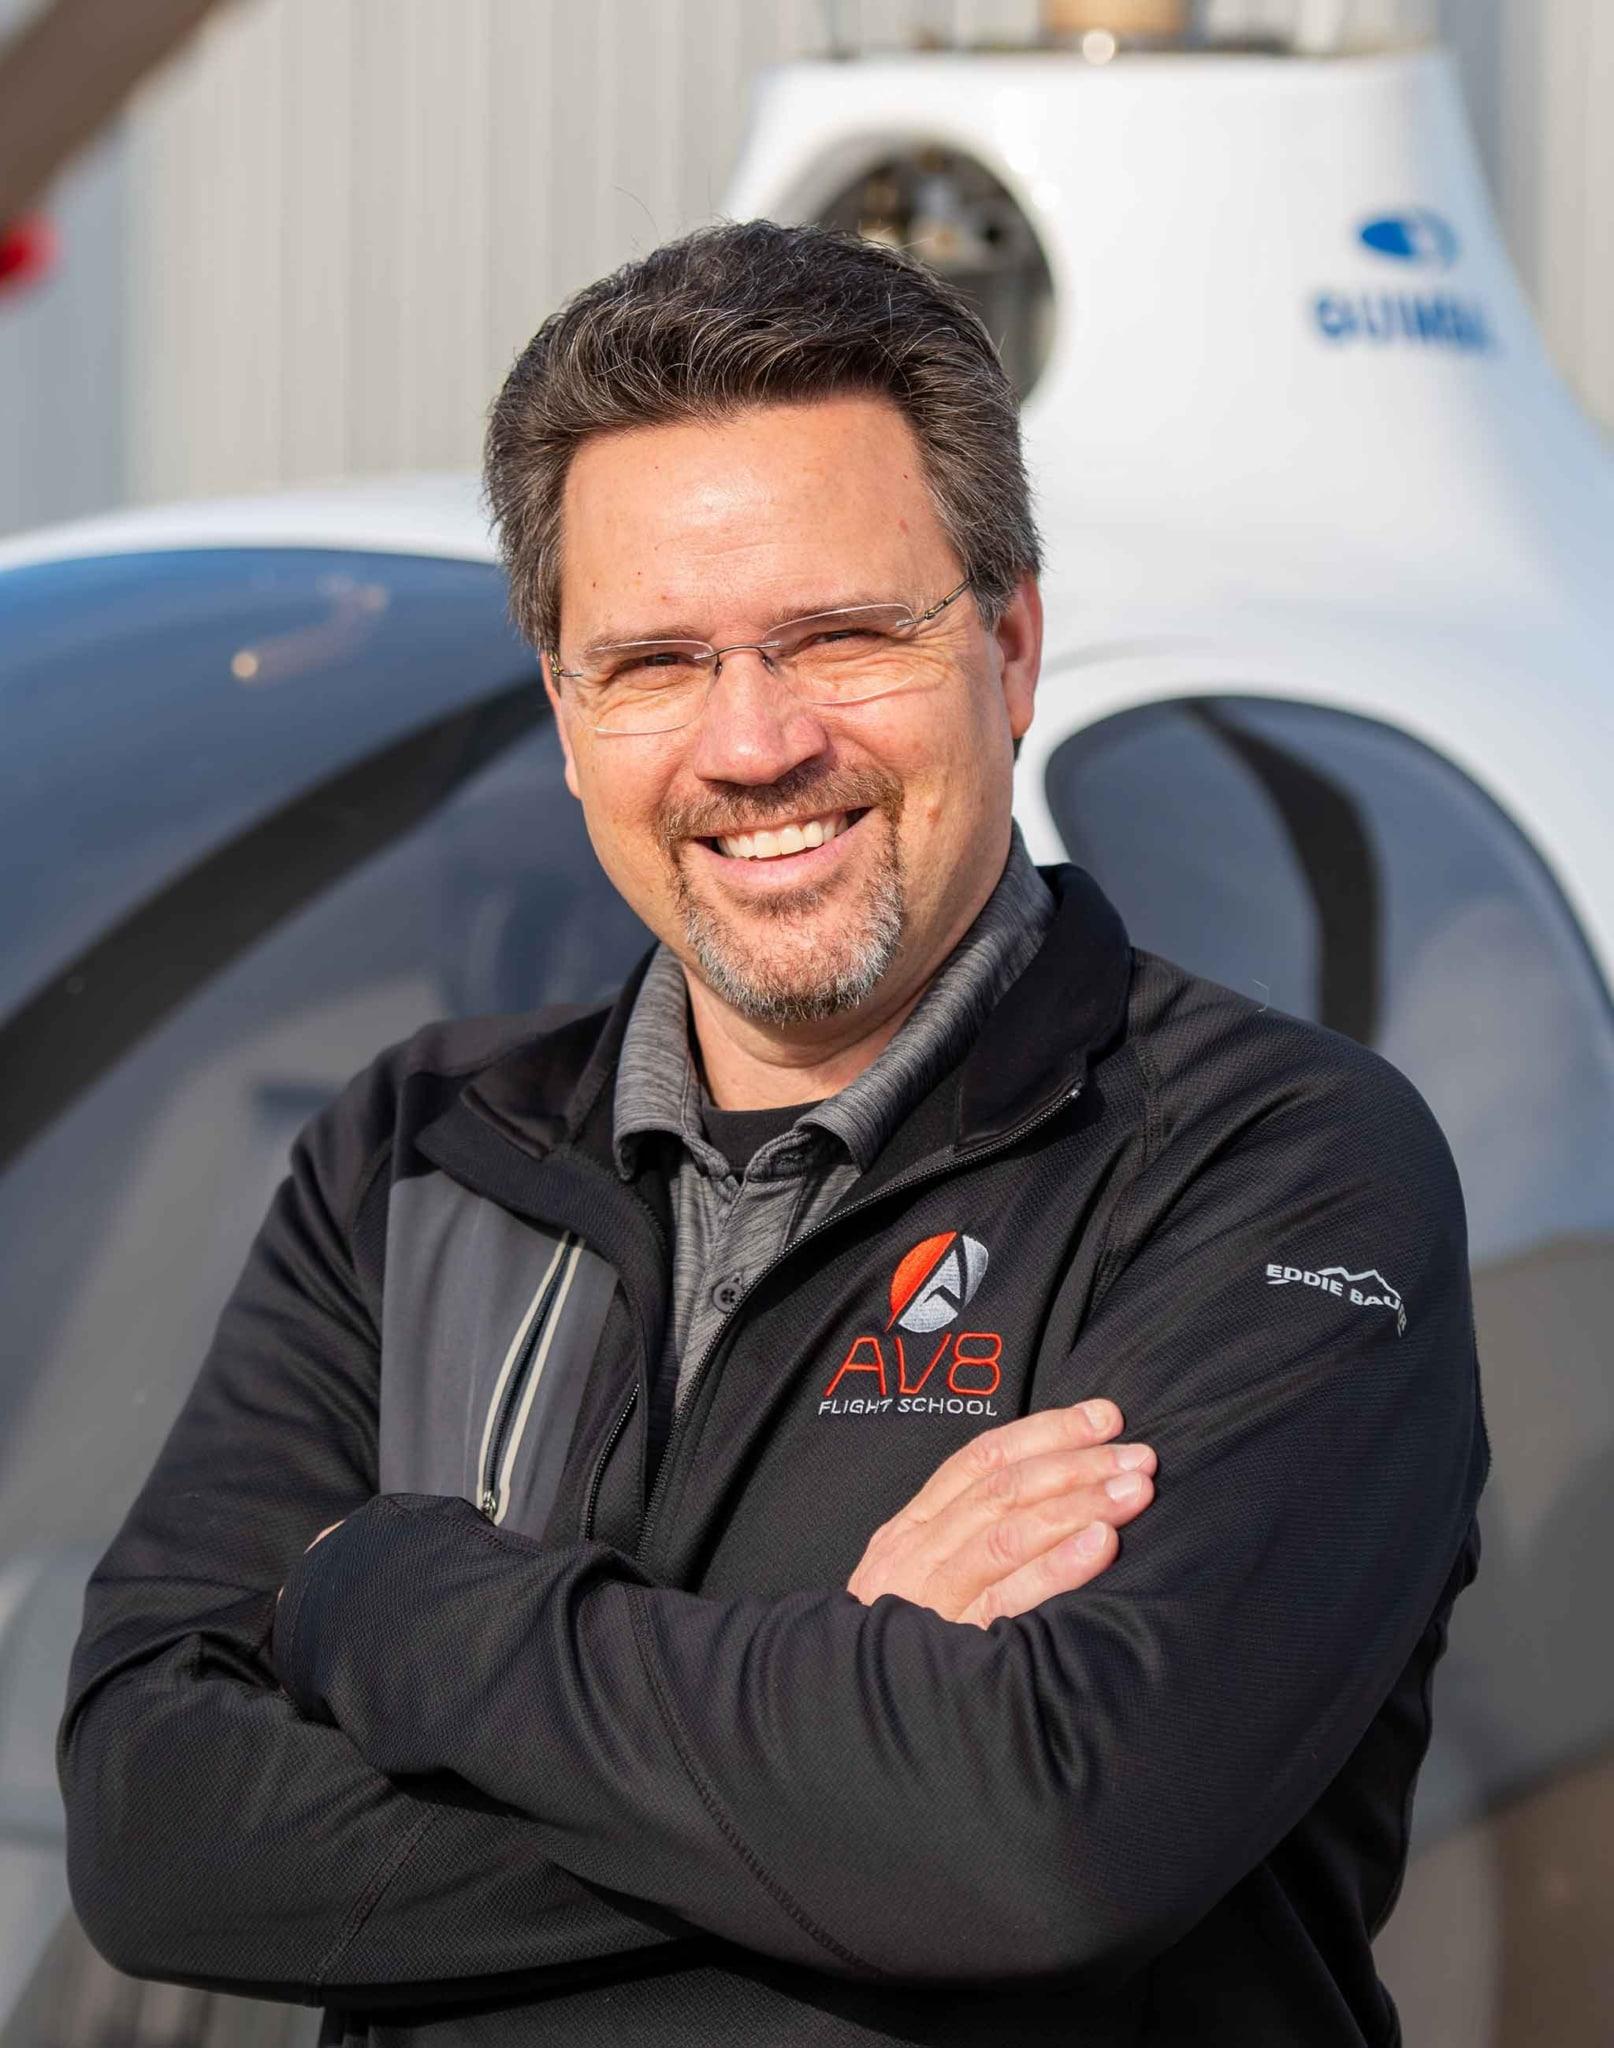 AV8 Flight School Team: George